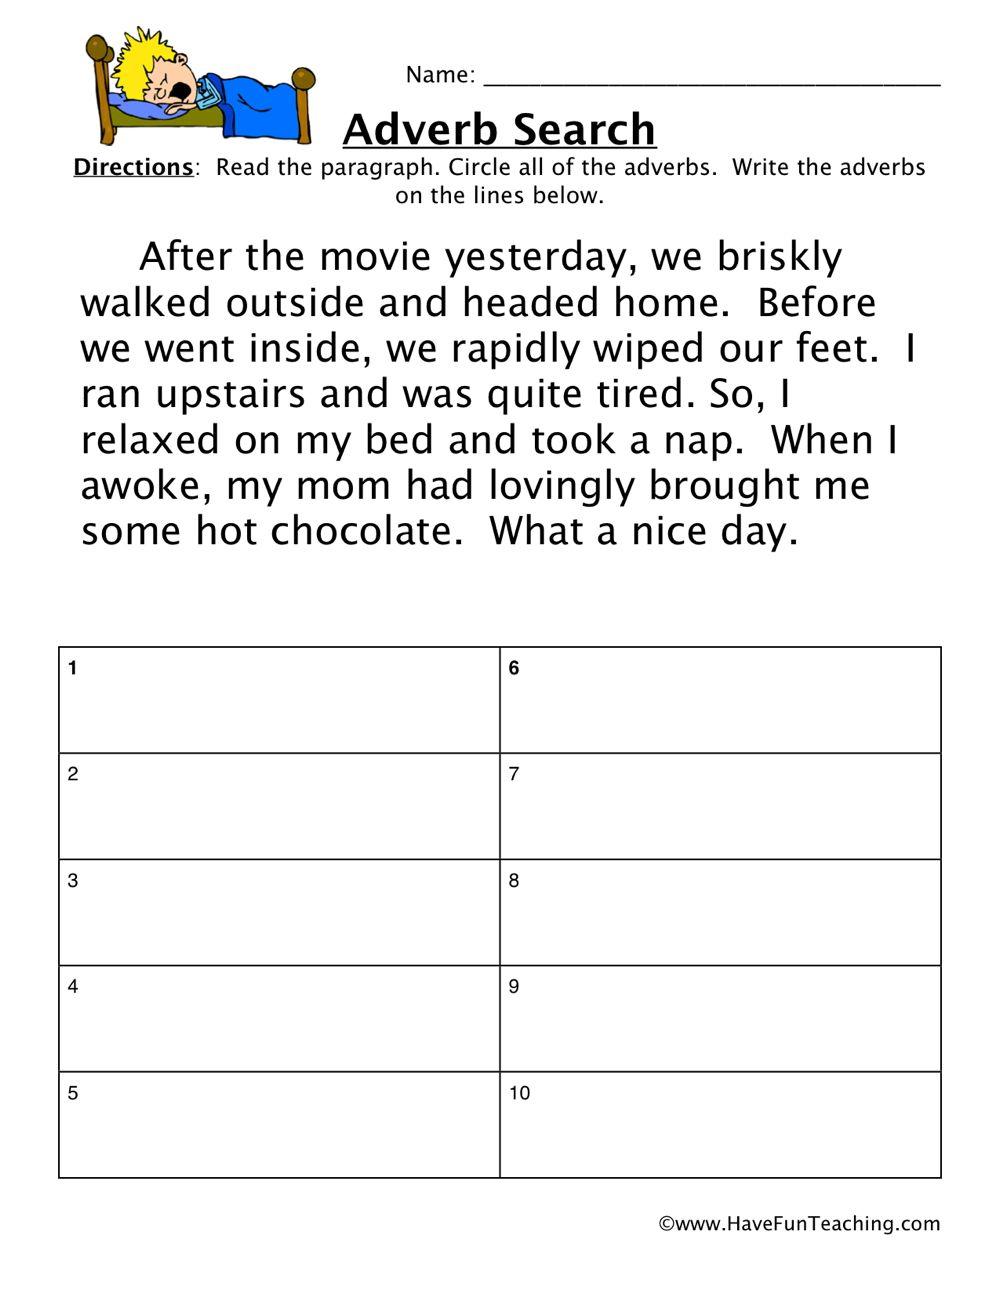 adverb worksheet movie engliah adverbs worksheet. Black Bedroom Furniture Sets. Home Design Ideas